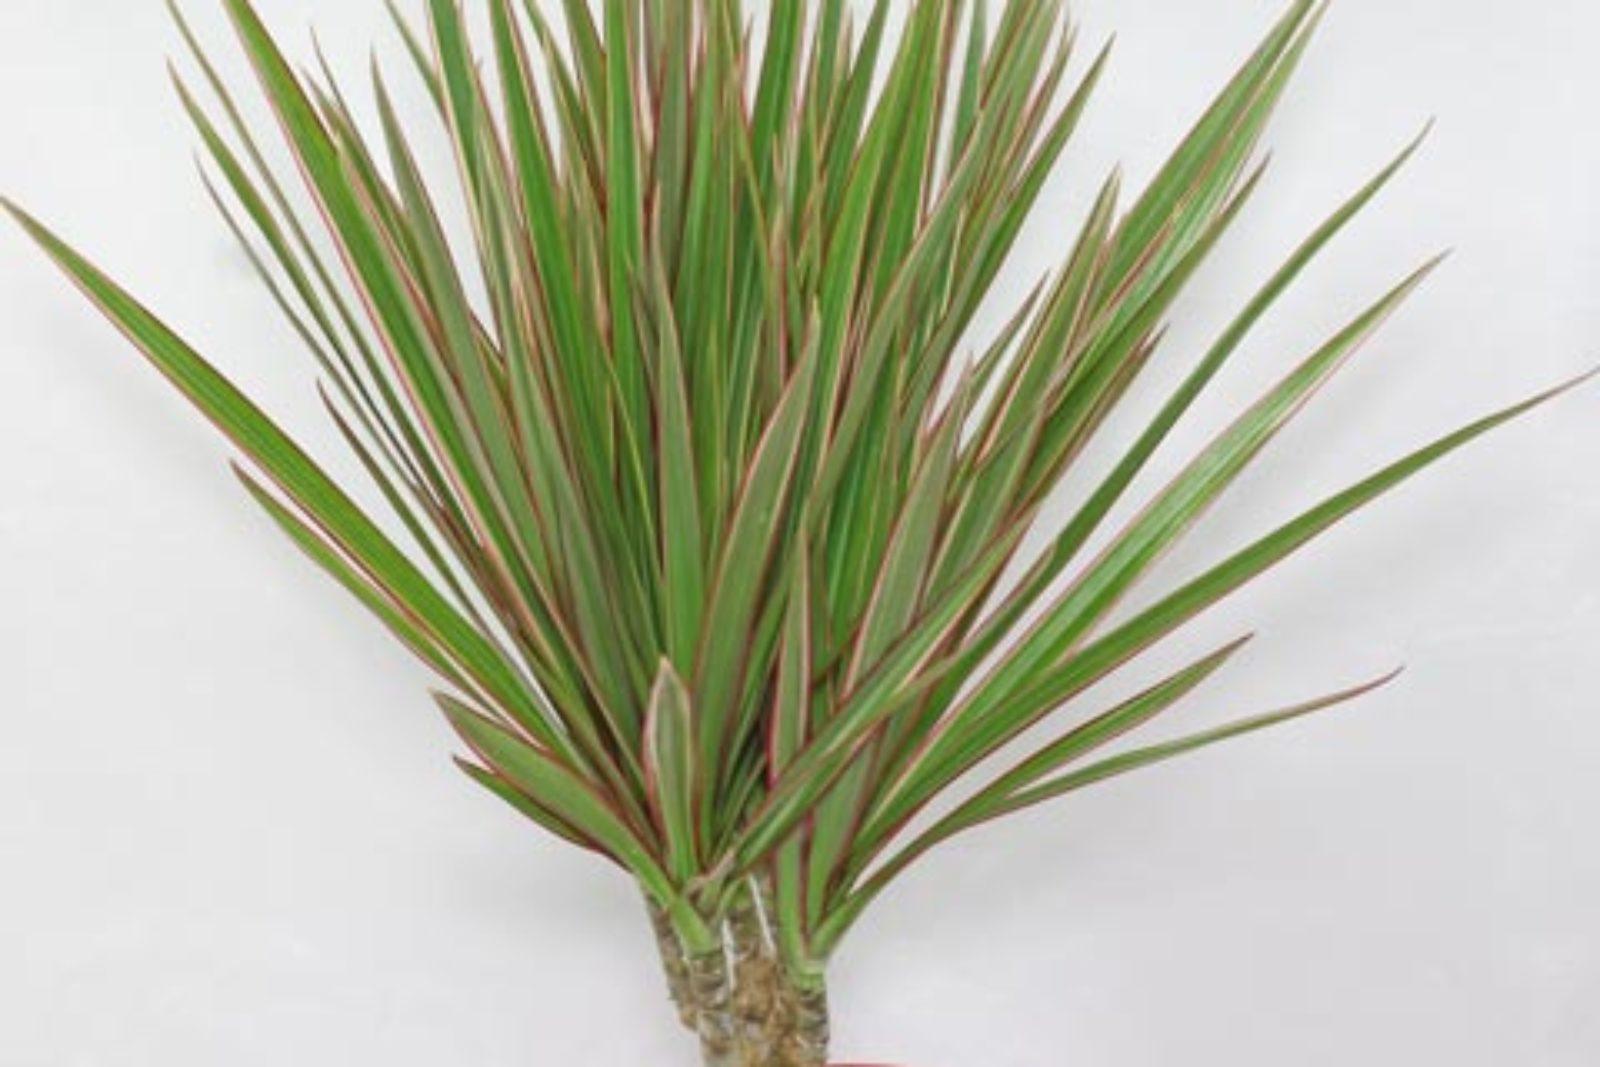 10 Plantas que necesitas tener en casa - dracaena de filos rojos interior